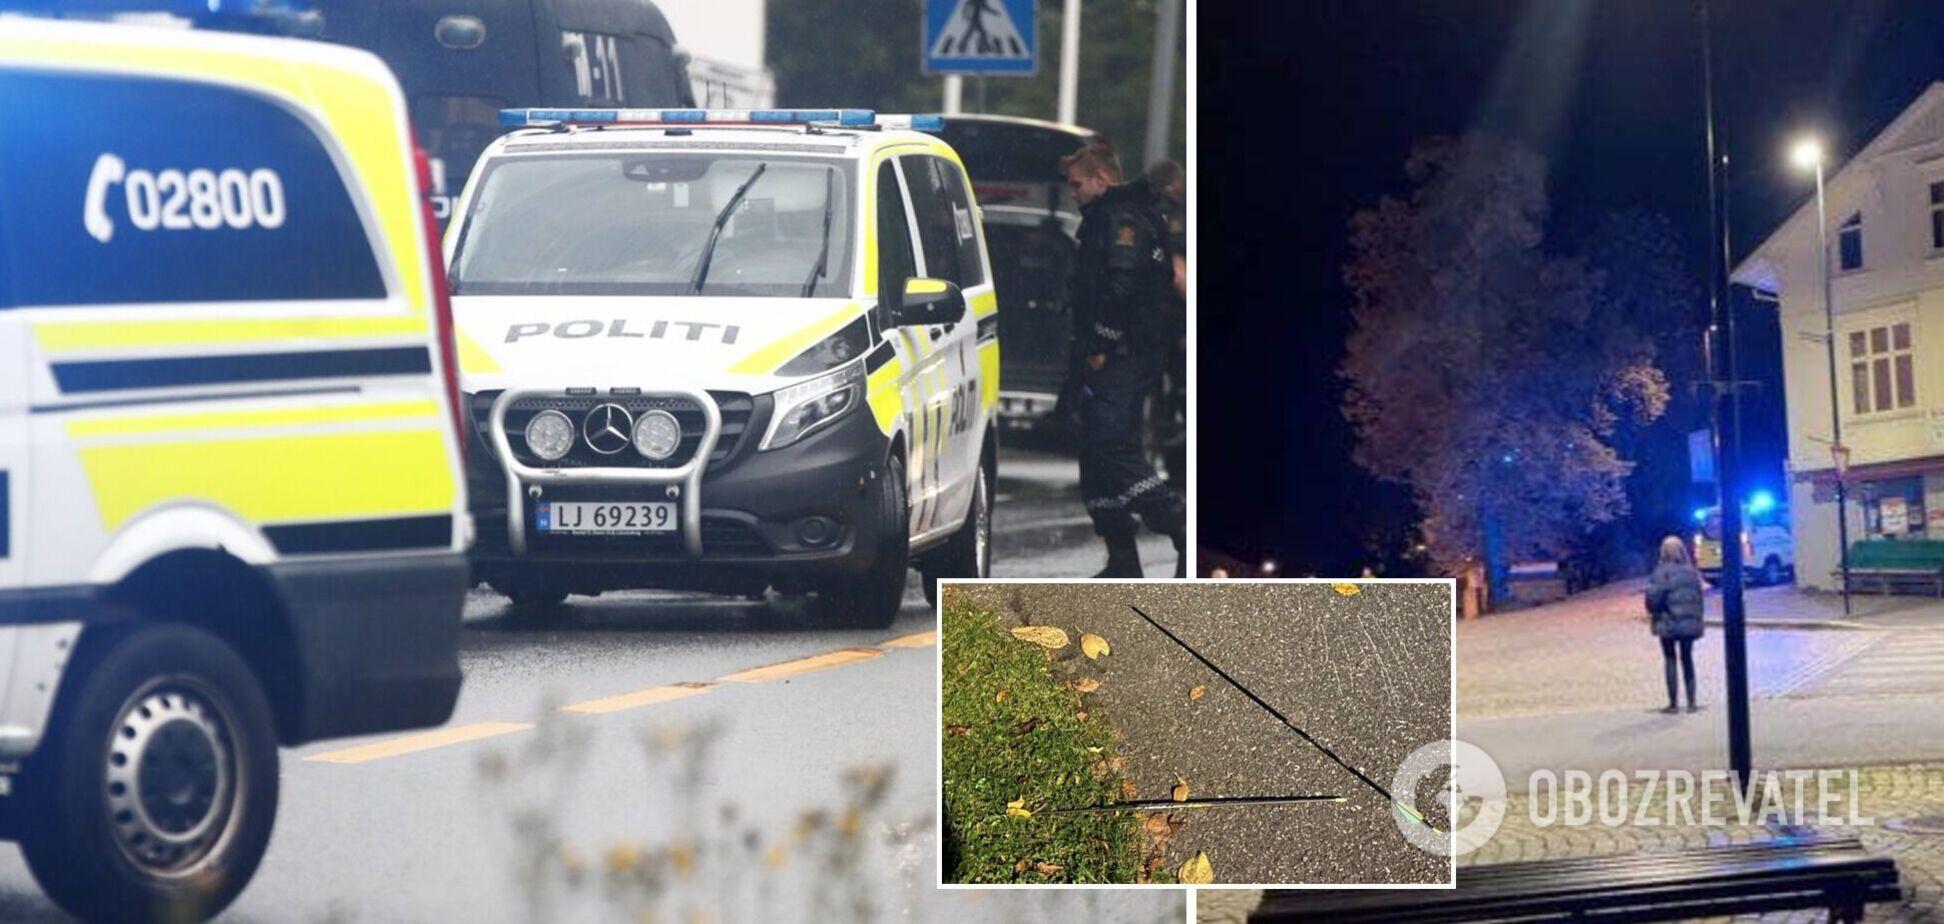 В норвежском Конгсберге мужчина застрелил из лука пять человек: его признали террористом. Все подробности